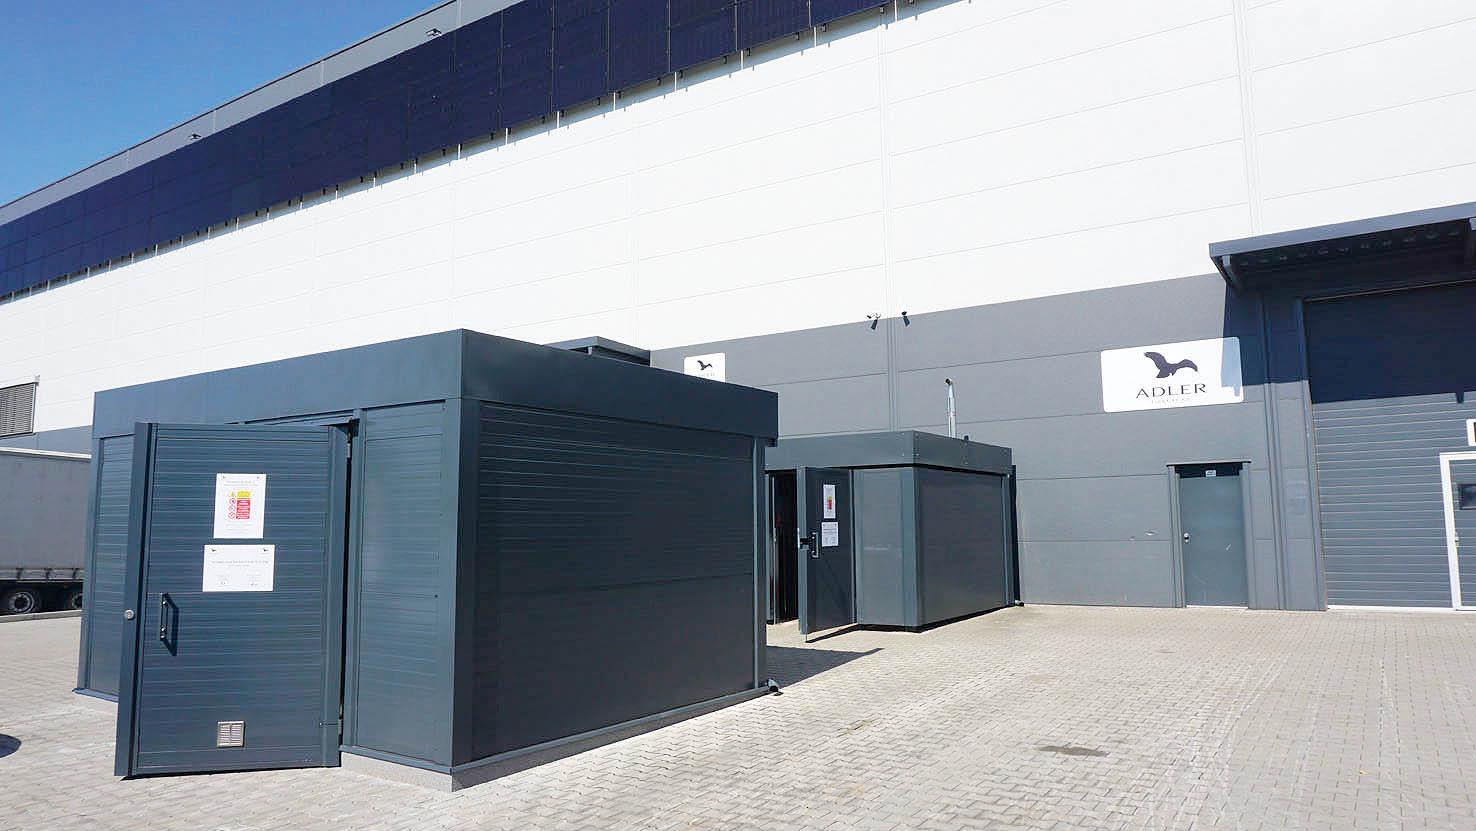 Skladové a logistické centrum společnosti Malfini (dříve Adler) vyniká hybridním fotovoltaickým systémem s bateriemi a kogenerací. Má rozlohu 19 300 metrů čtverečních a denně je odsud vyexpedováno až 250 tisíc kusů textilního zboží.